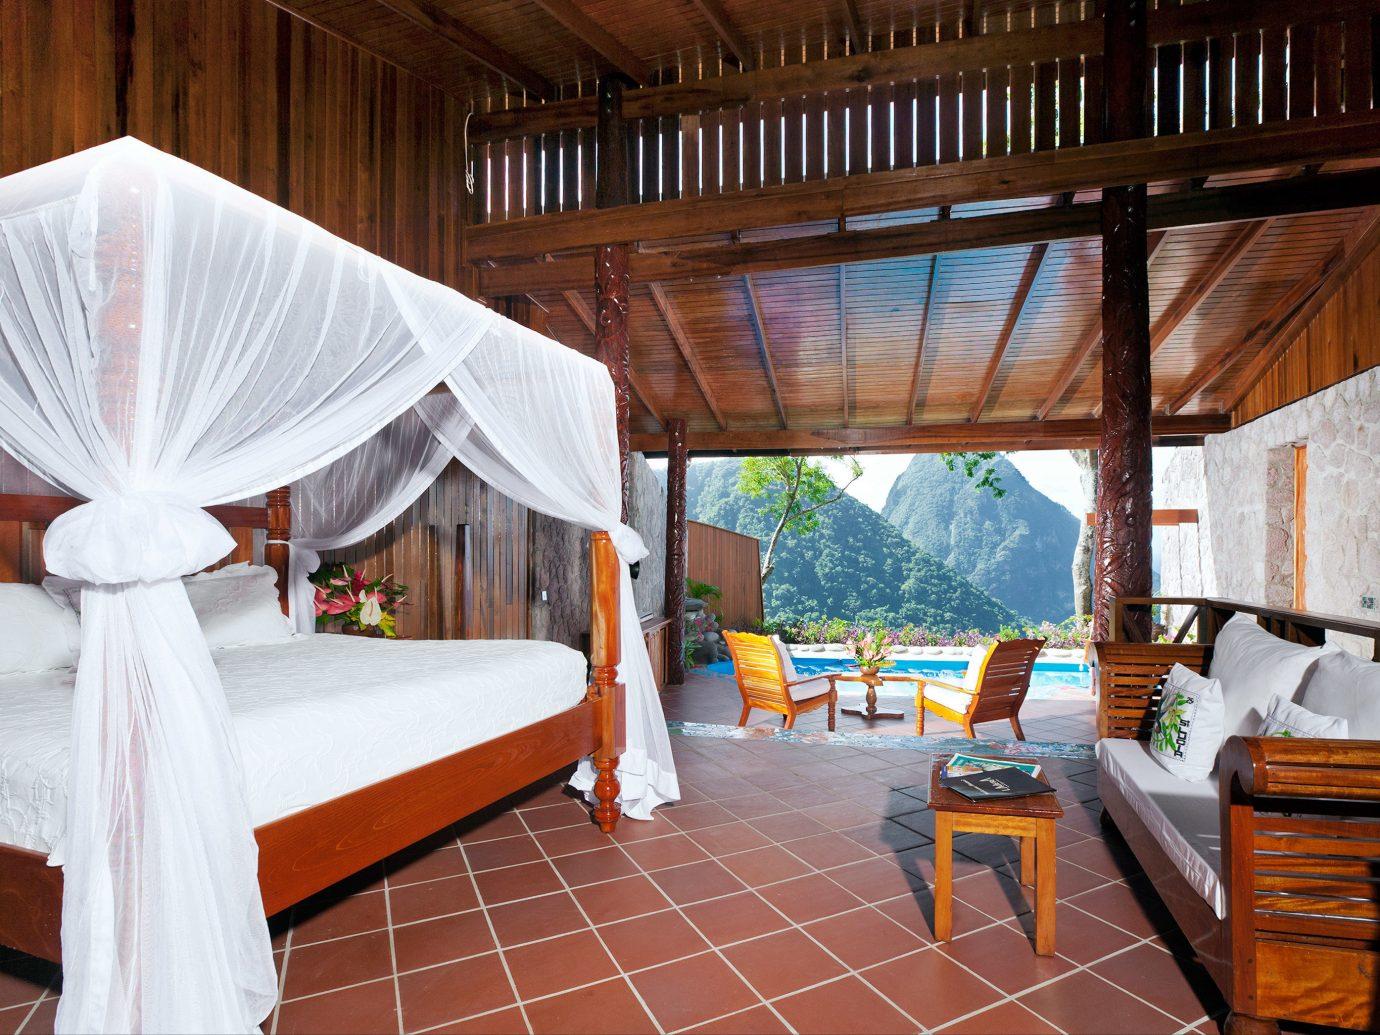 Adult-only Bedroom Honeymoon Hotels Luxury Luxury Travel Resort Romance floor indoor property room estate wooden Villa cottage interior design real estate Suite wood furniture